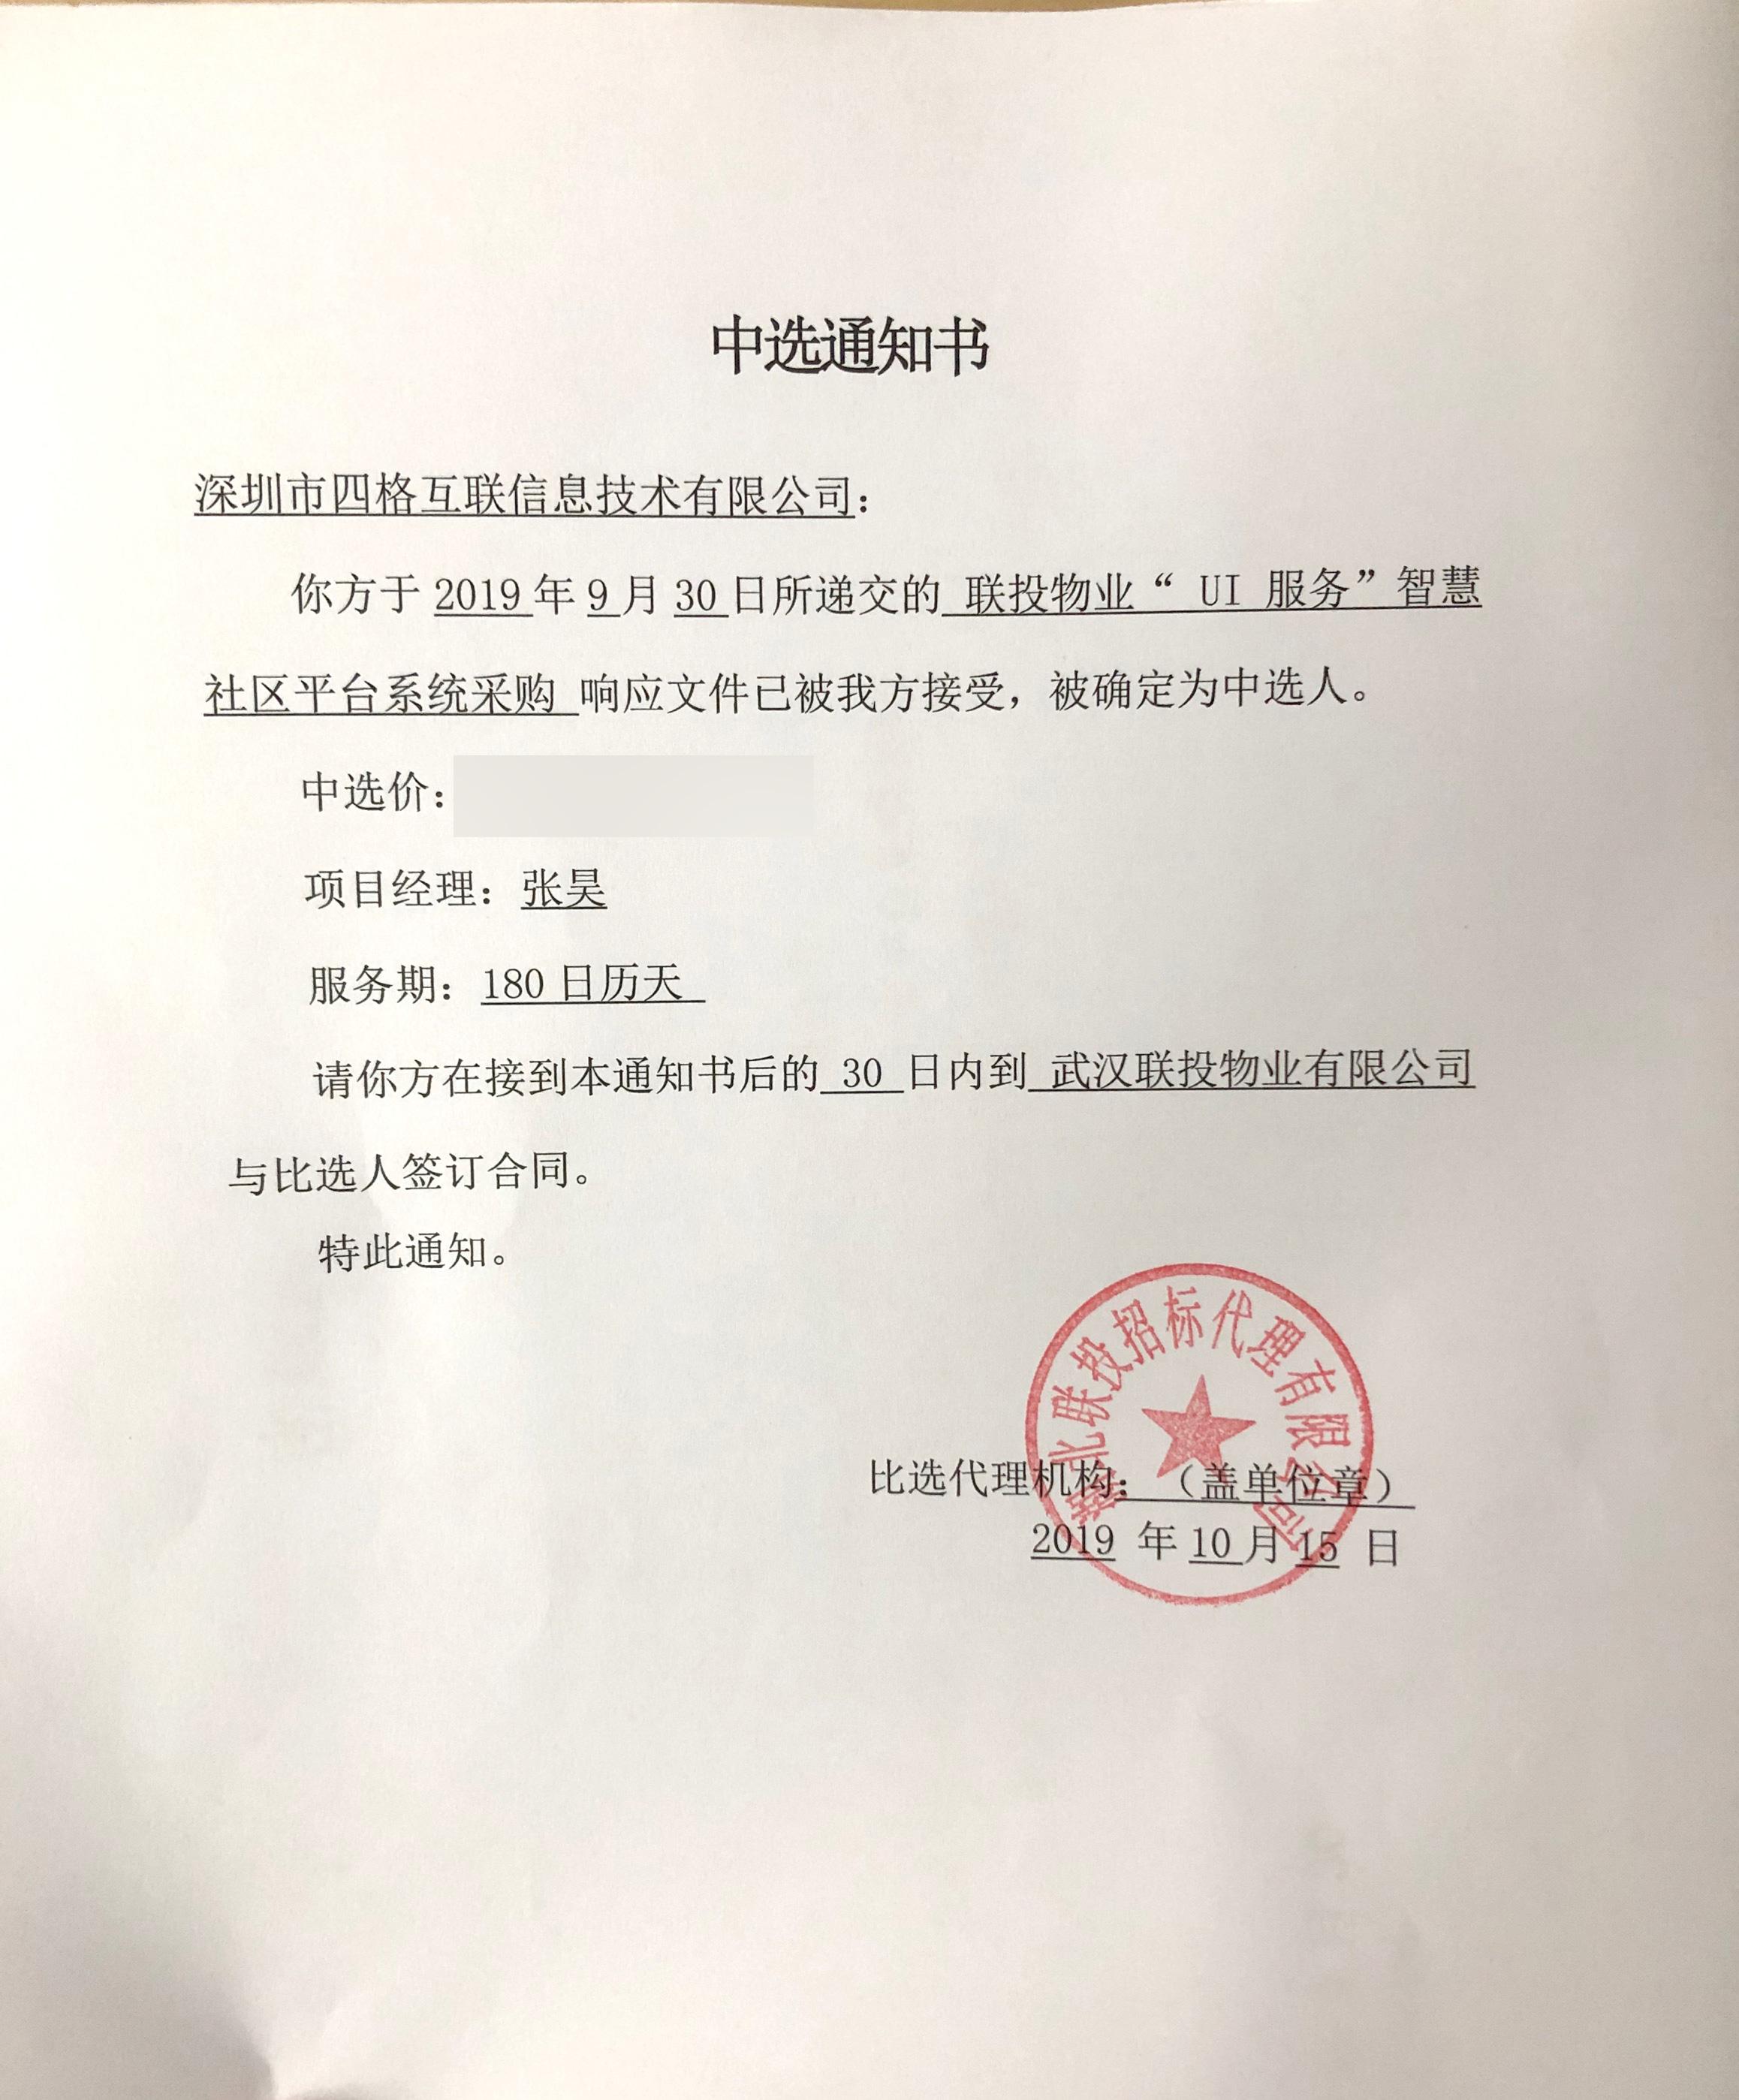 武汉联投物业中标通知书